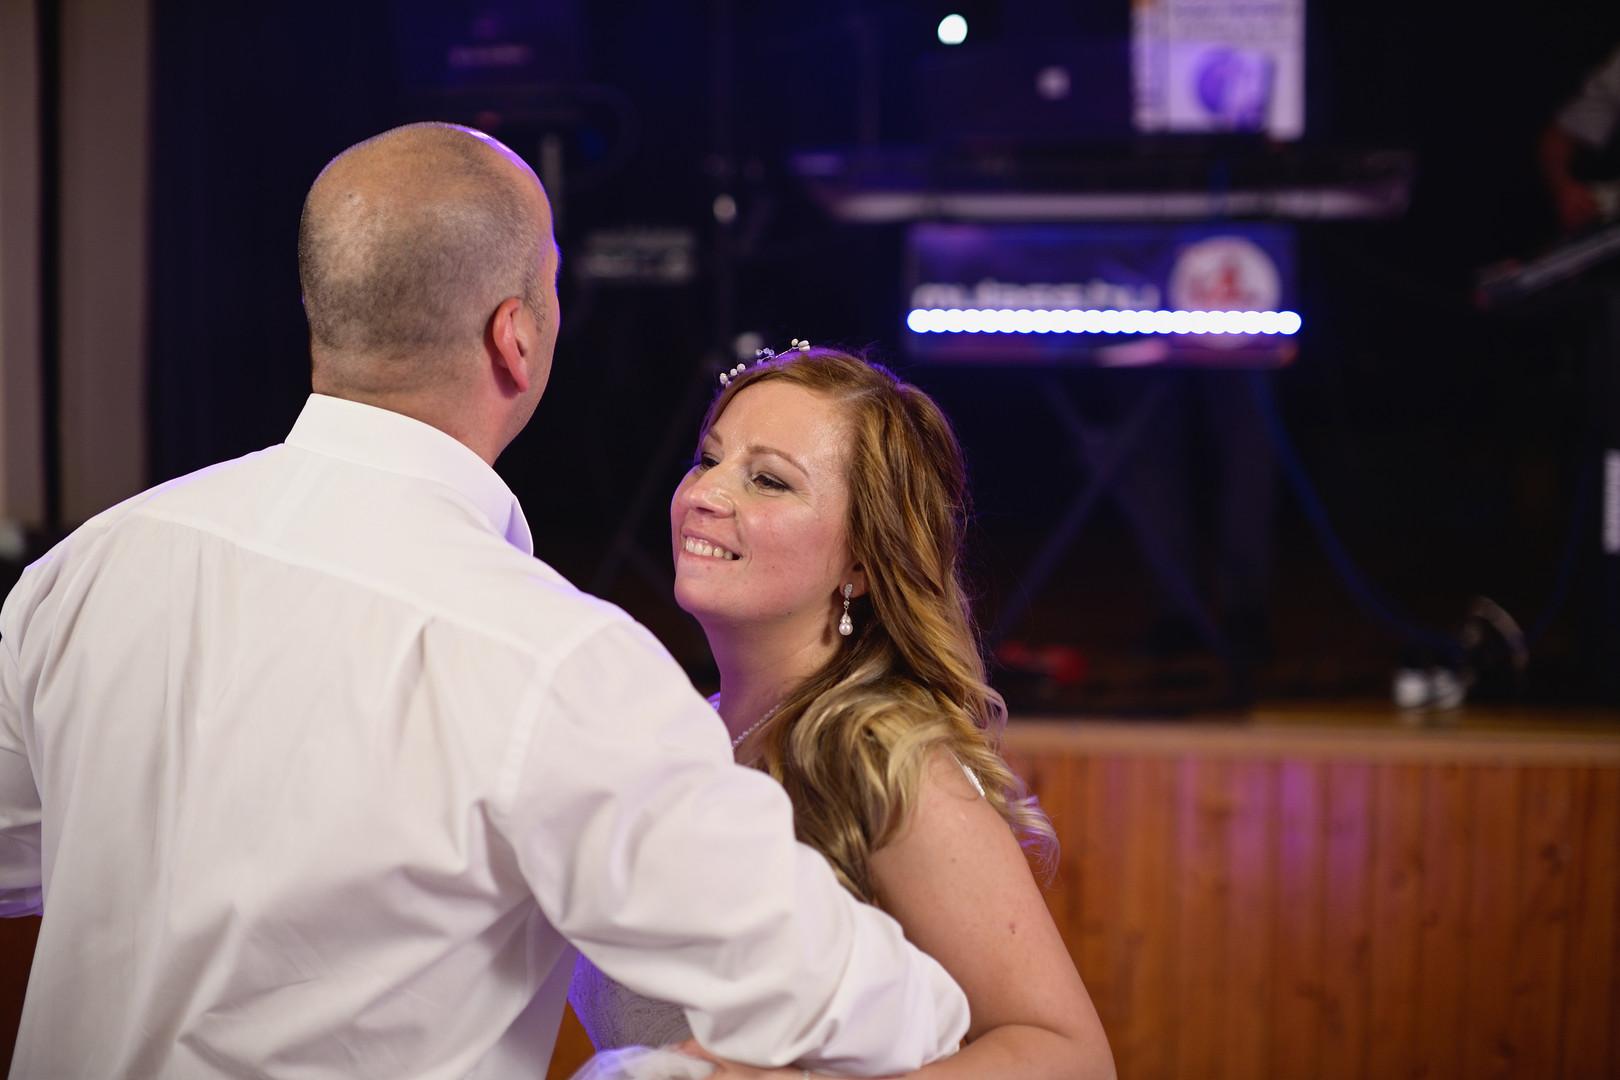 706  Esküvői fotózás - Enikő és Peti Bul